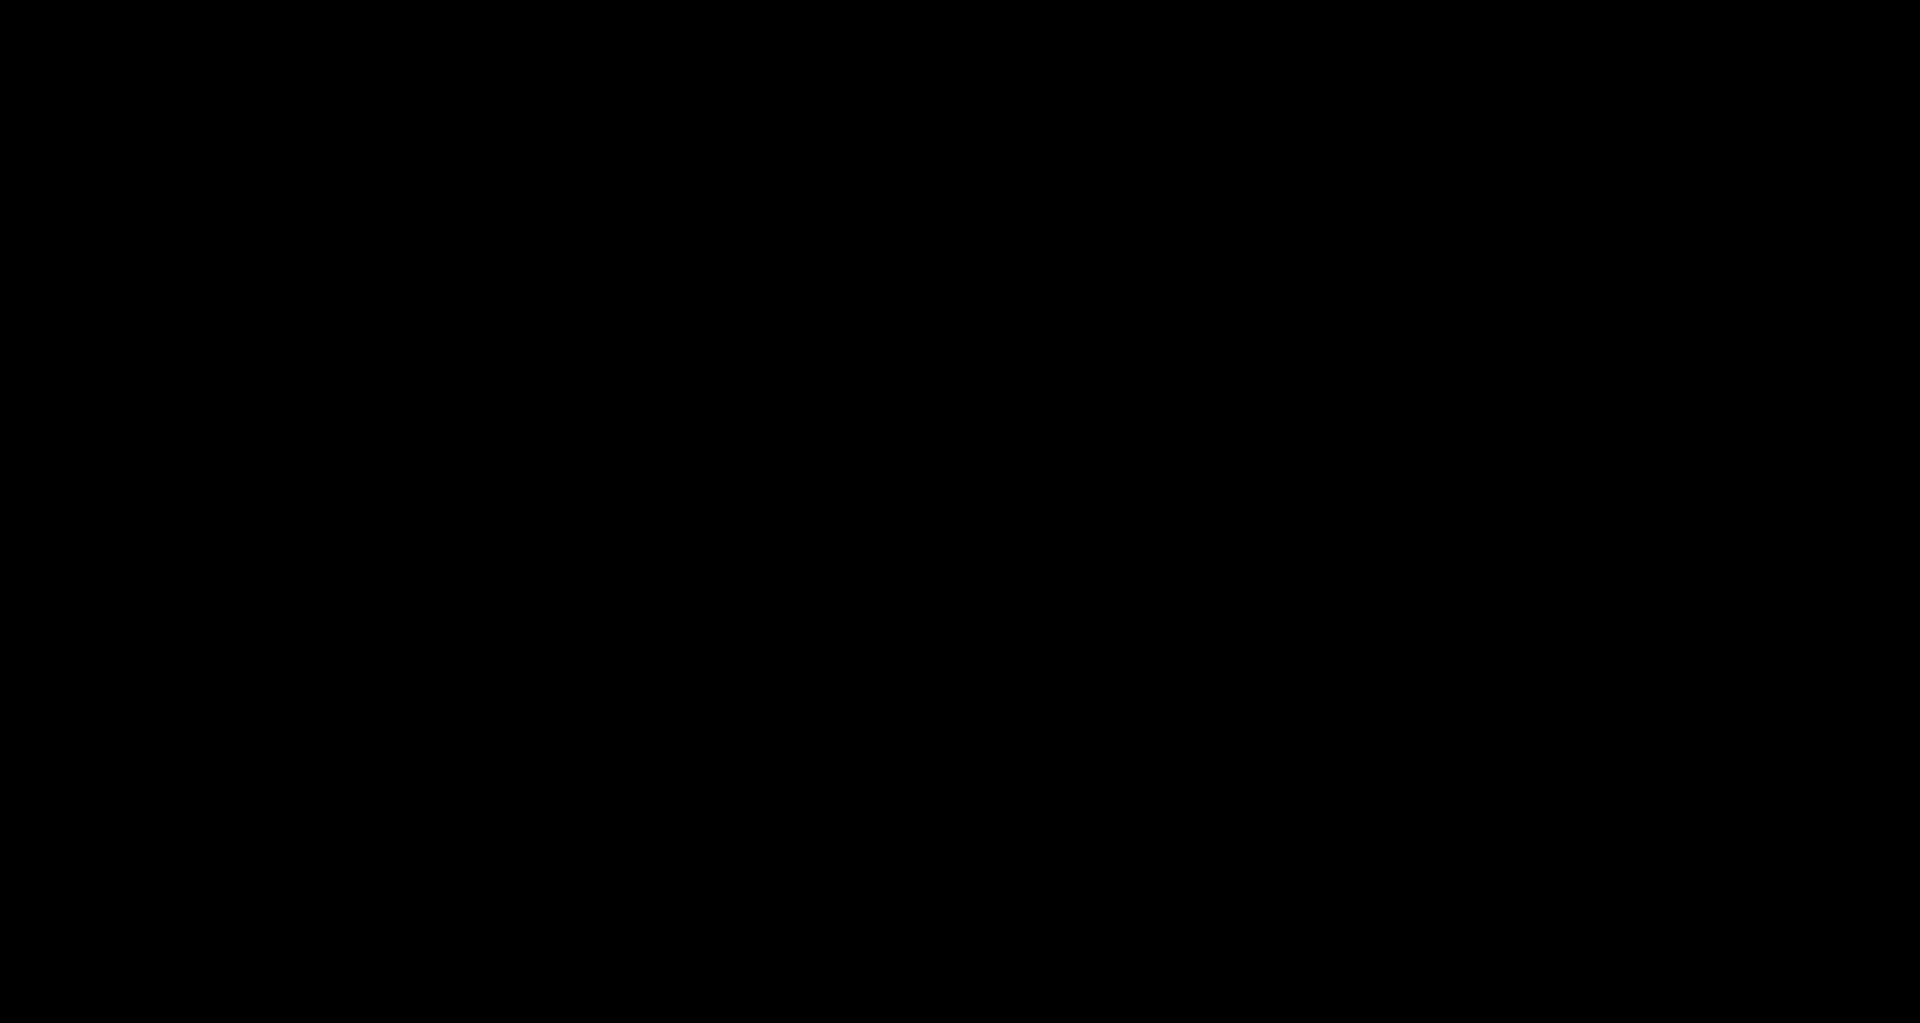 الستيرول Sterol